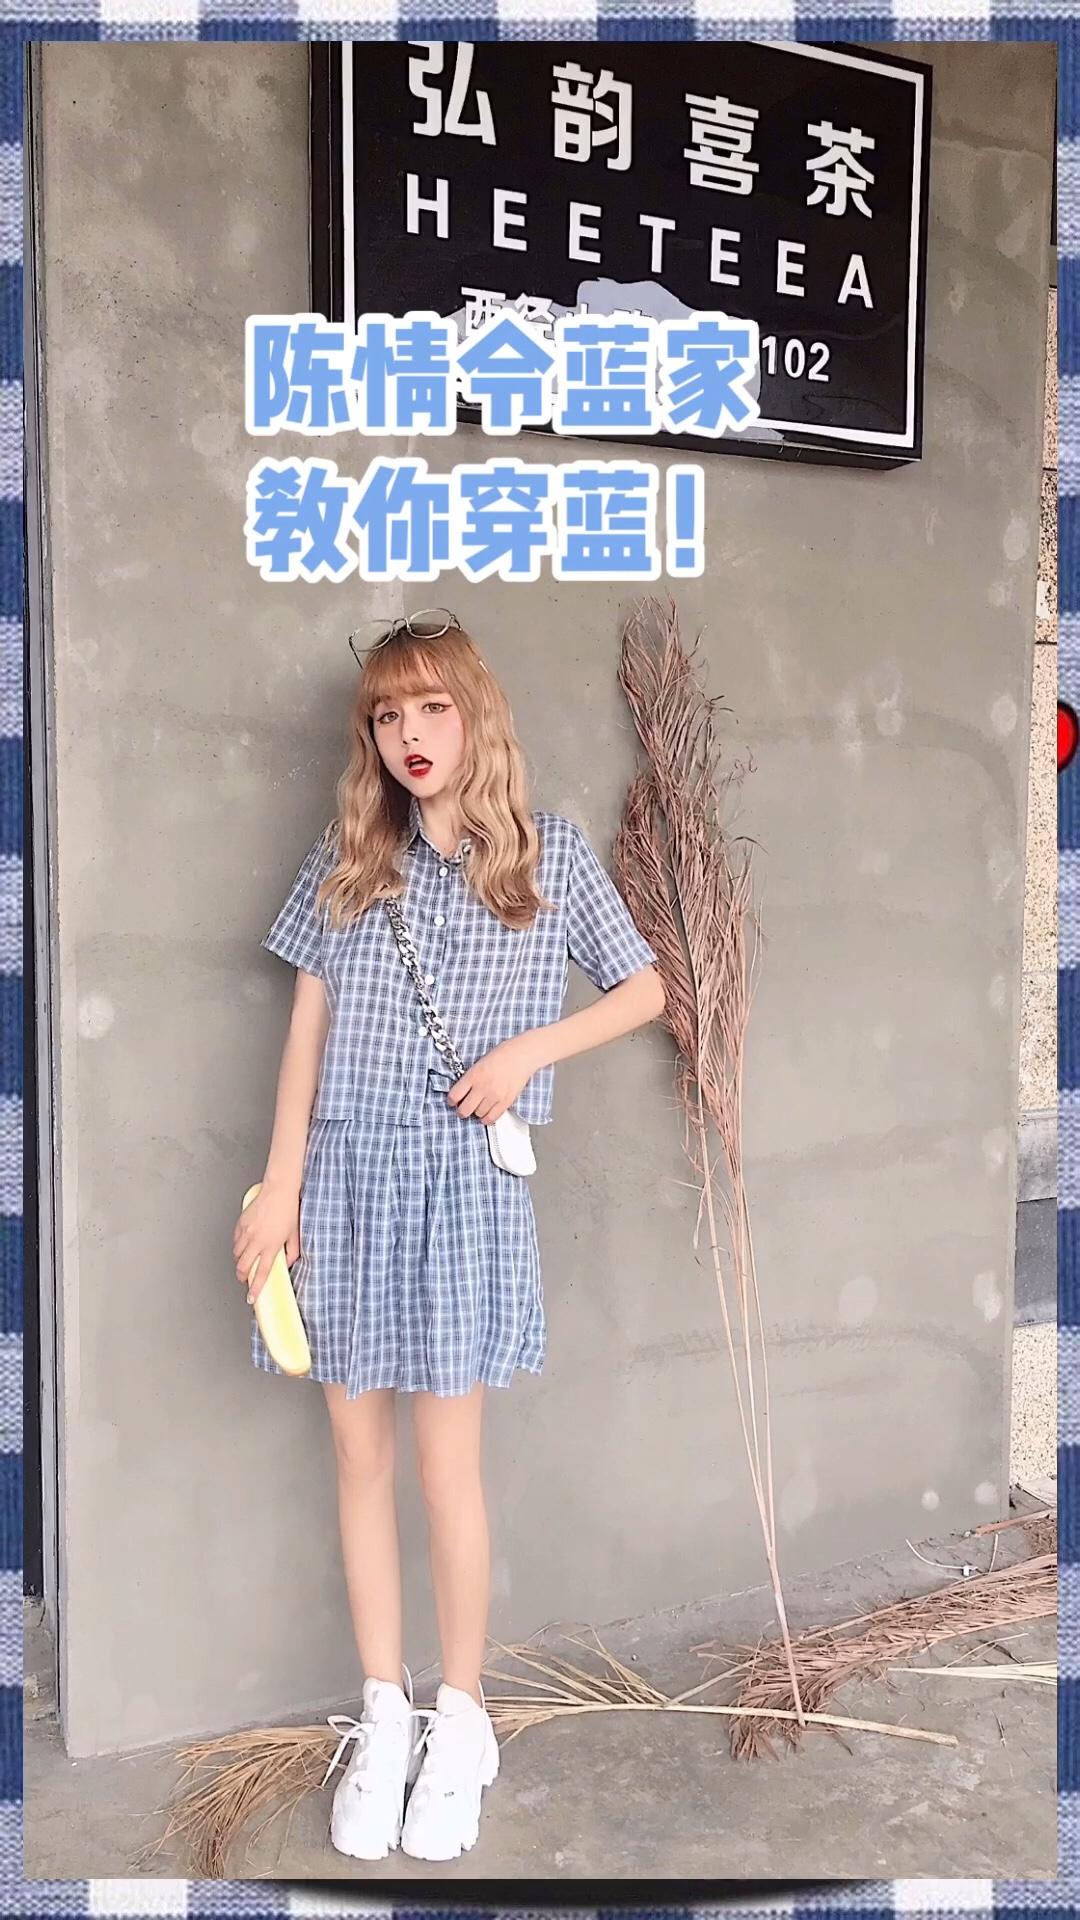 #《陈情令》蓝家教你穿蓝#非常适合小个子穿的一套格子套装,安利给你们哦,这条格子套装是灰蓝色的一个非常高级的颜色,而且不会想很有穿起来特别的方便,休闲很日系甜美。